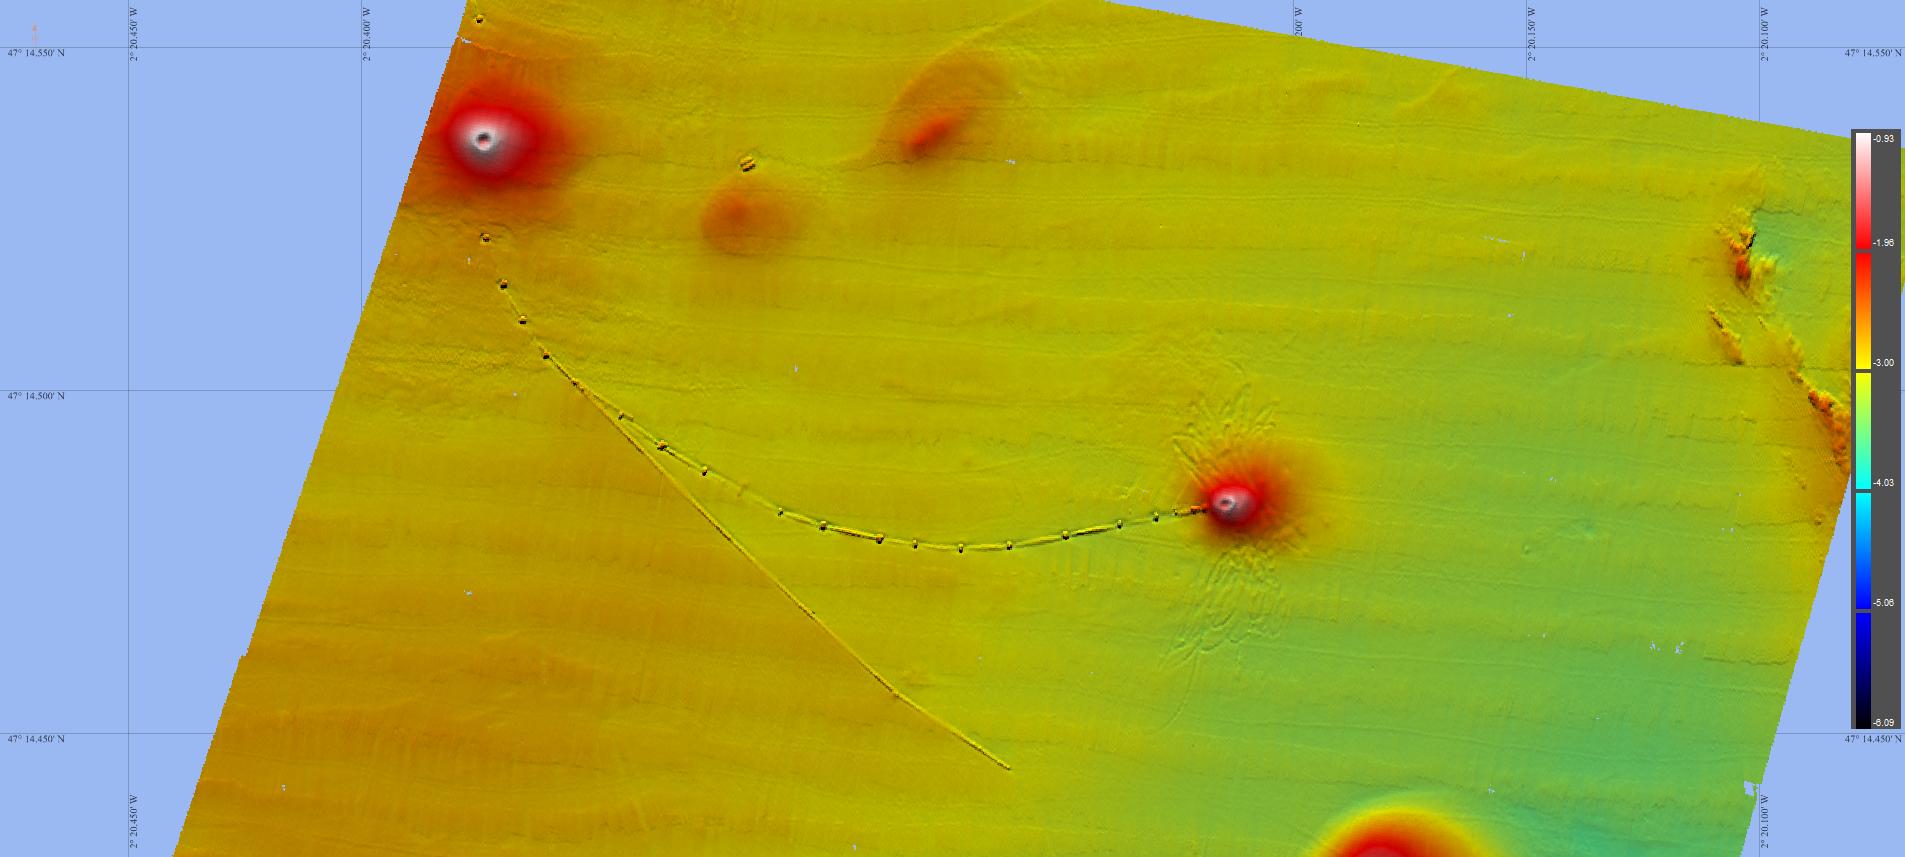 visualisation des rejets produits de dragage par des conduites immergées